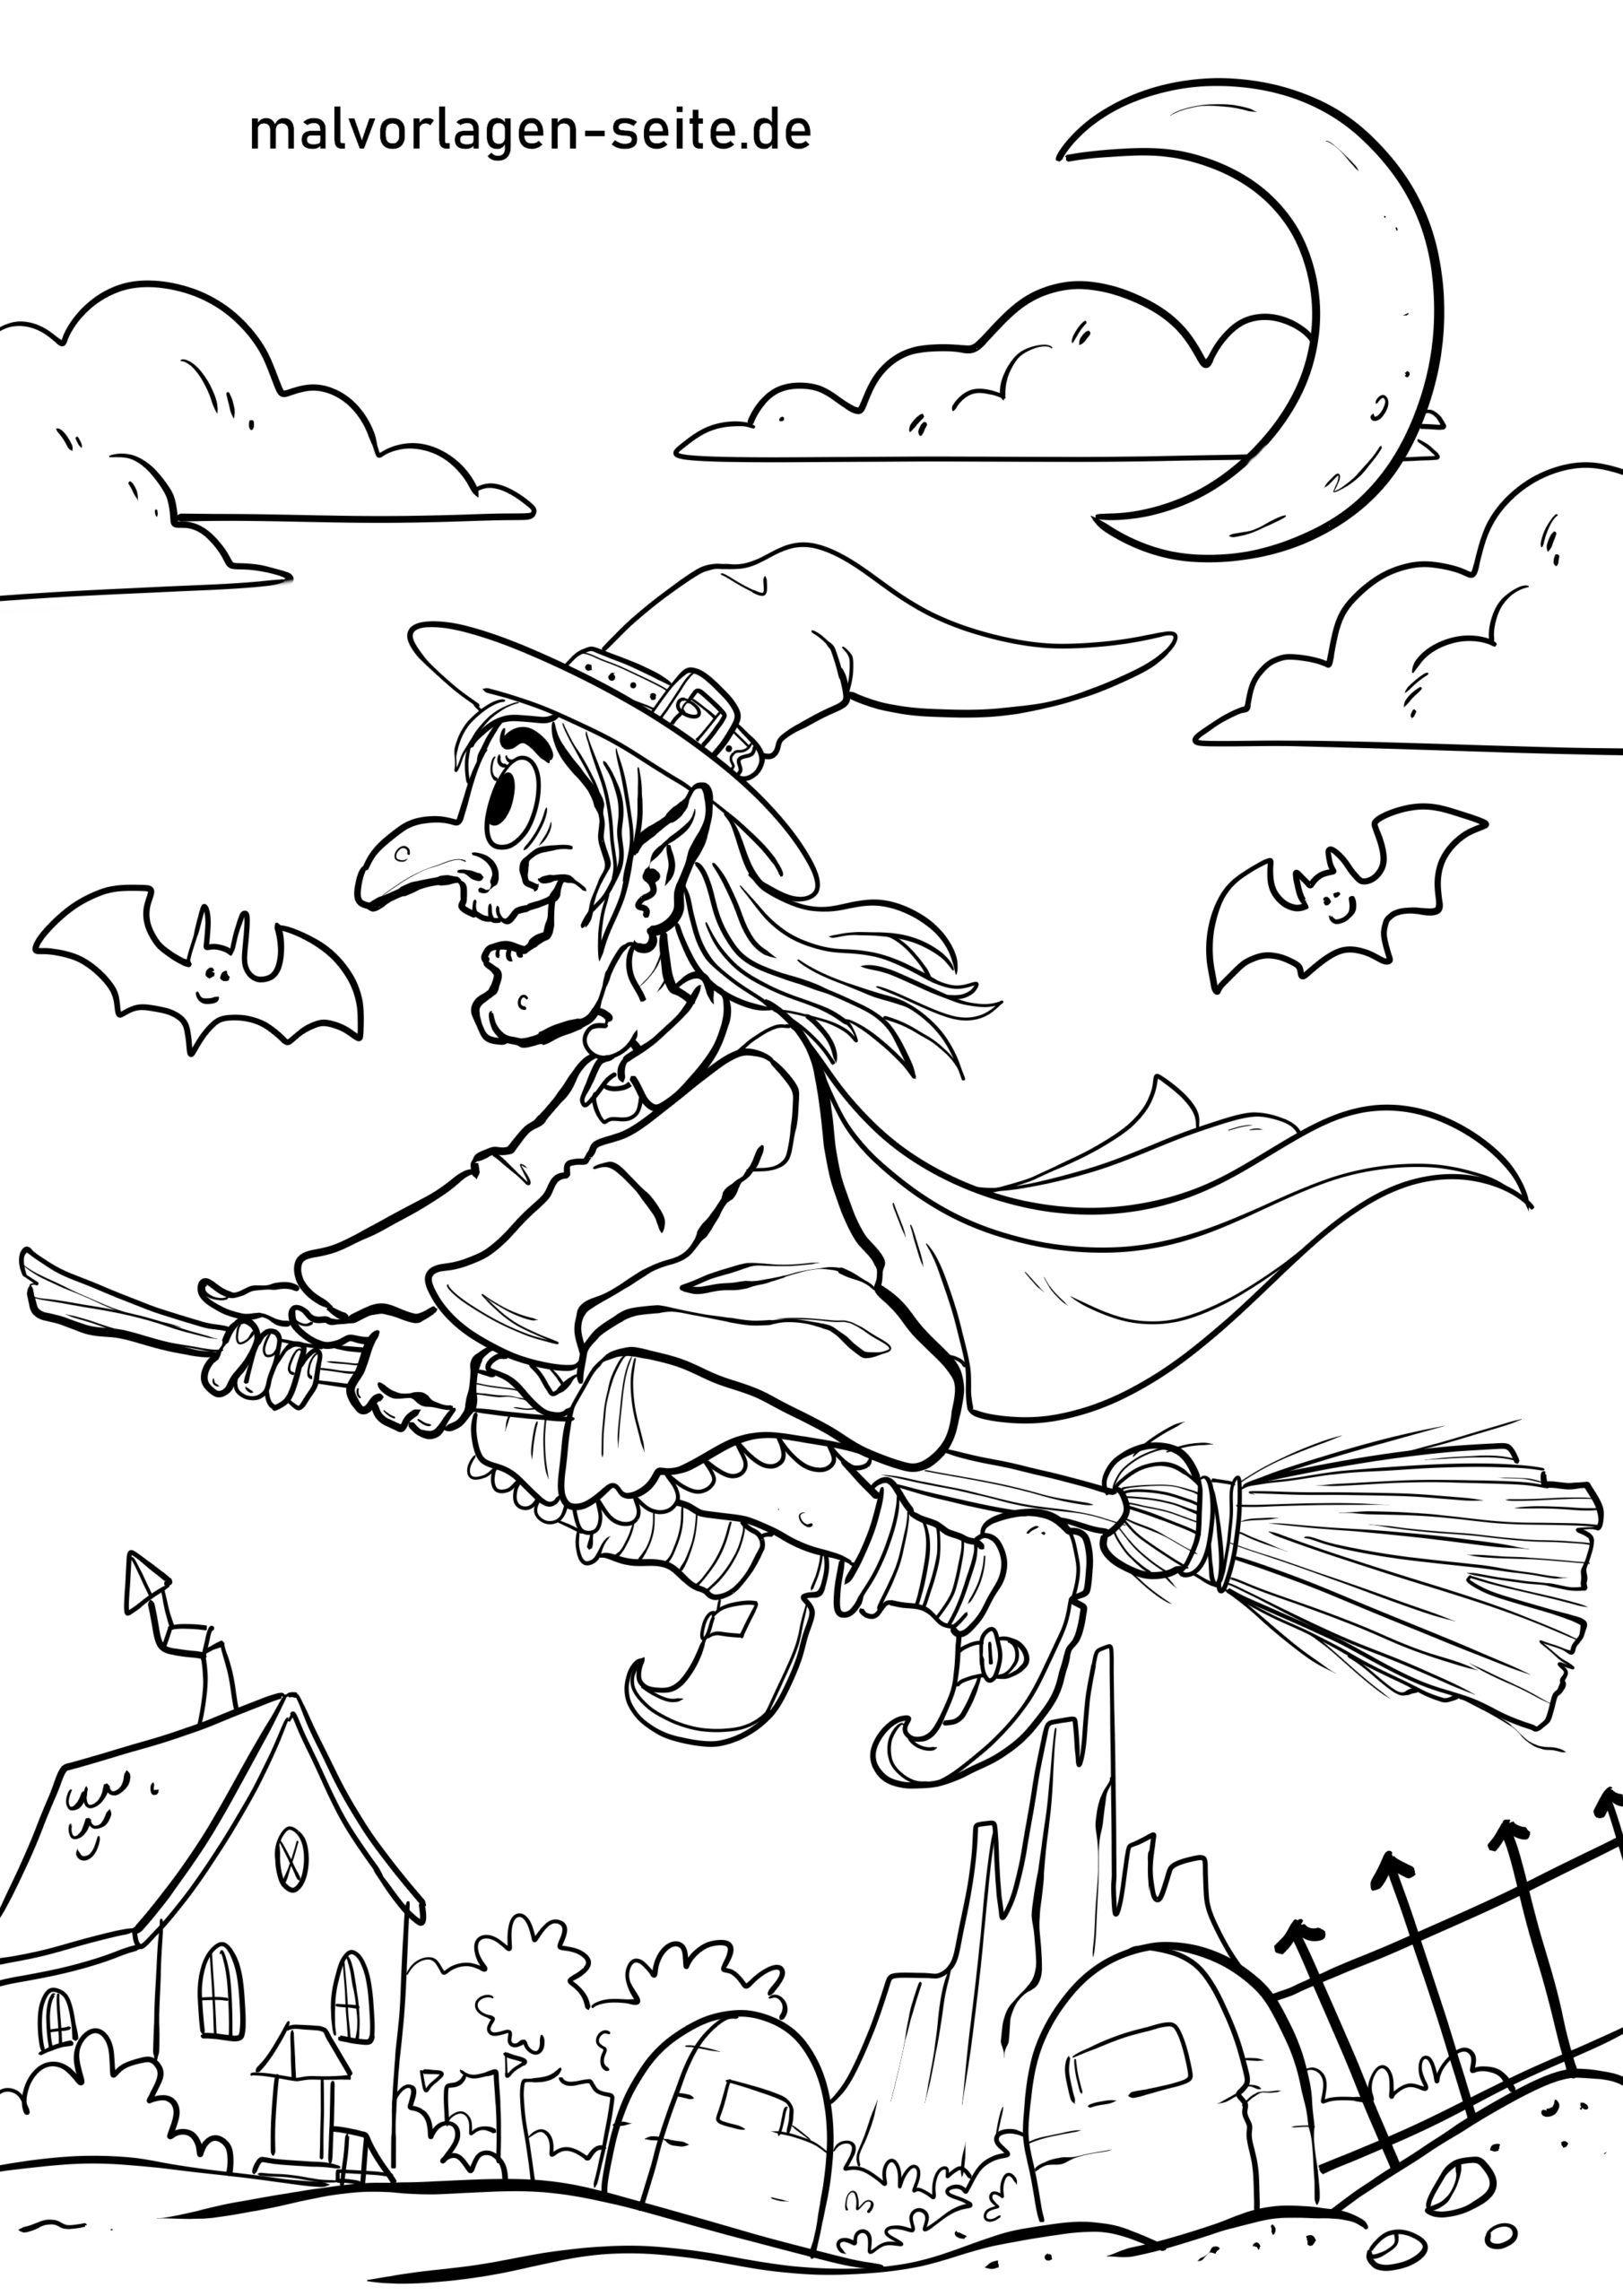 Malvorlage Walpurgisnacht Hexe - Ausmalbilder Kostenlos in Hexe Zum Ausmalen